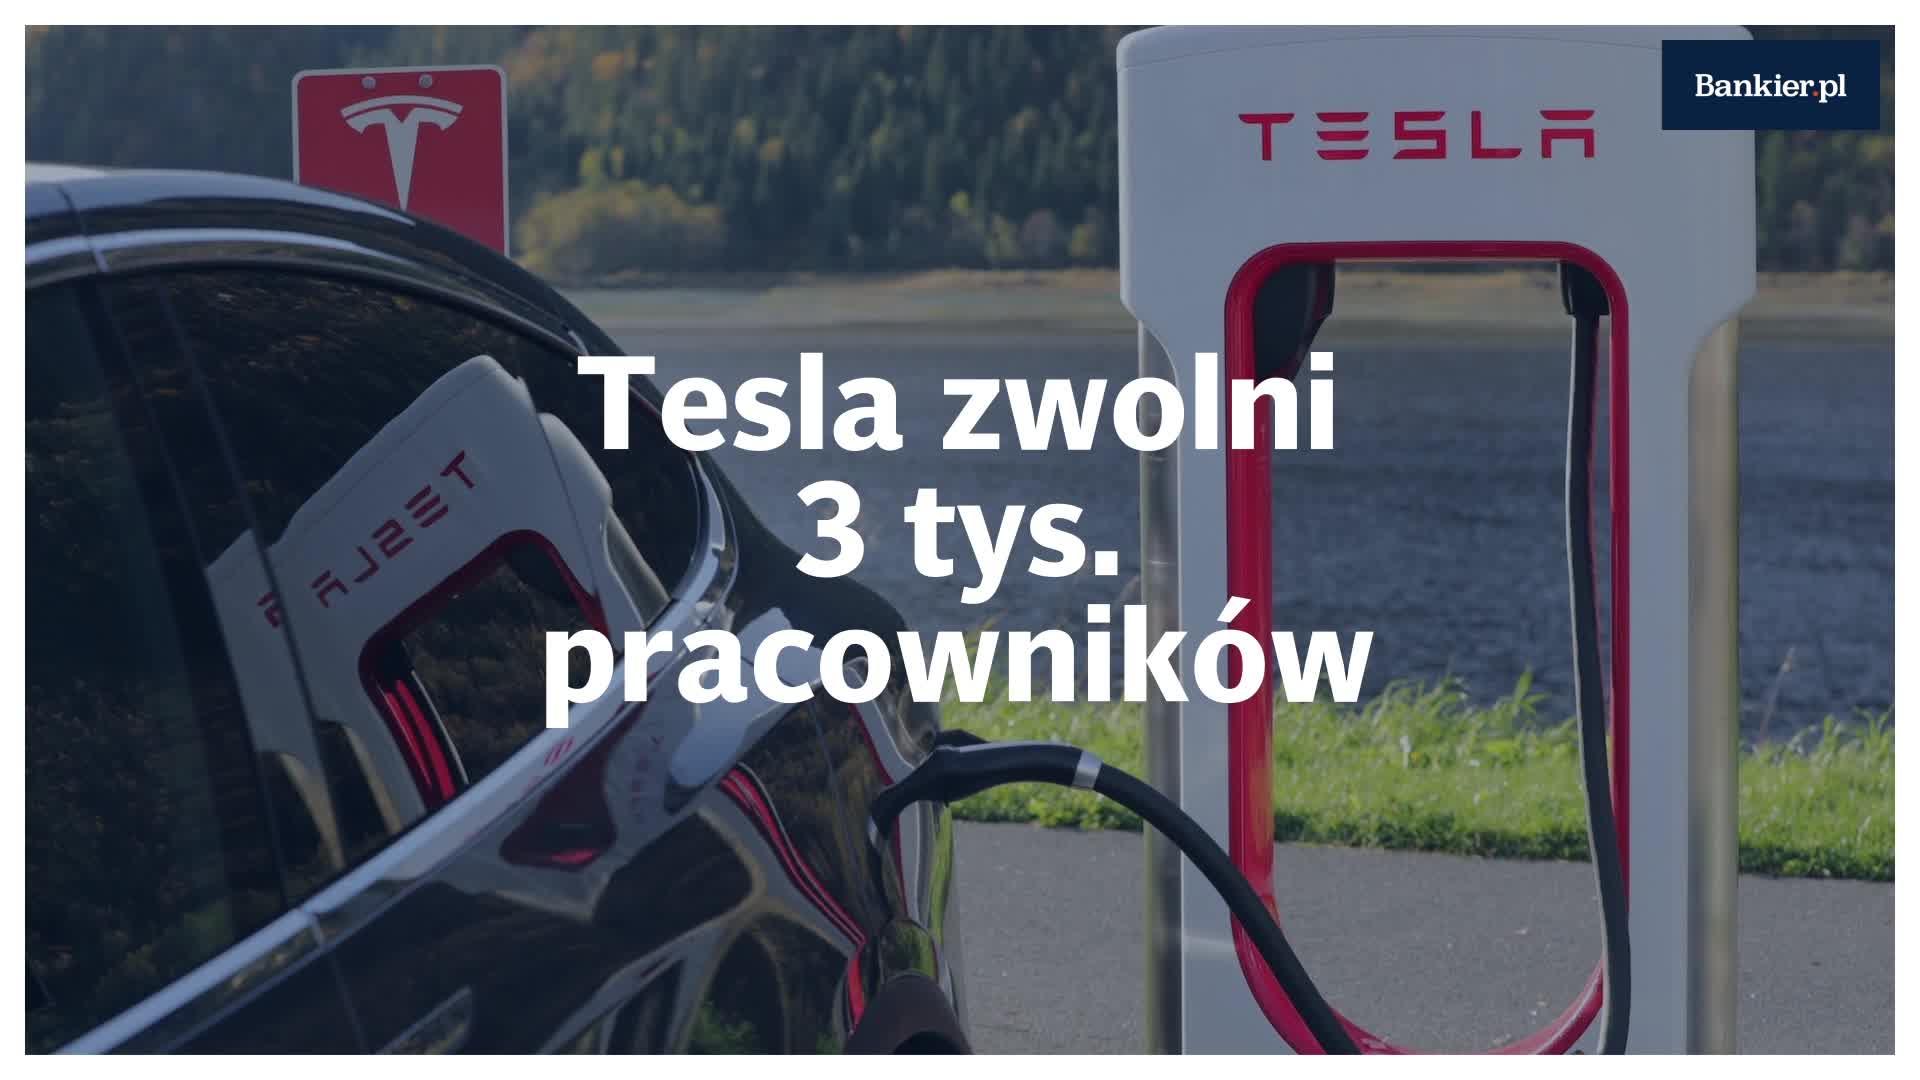 Tesla zwolni 3 tys. pracowników